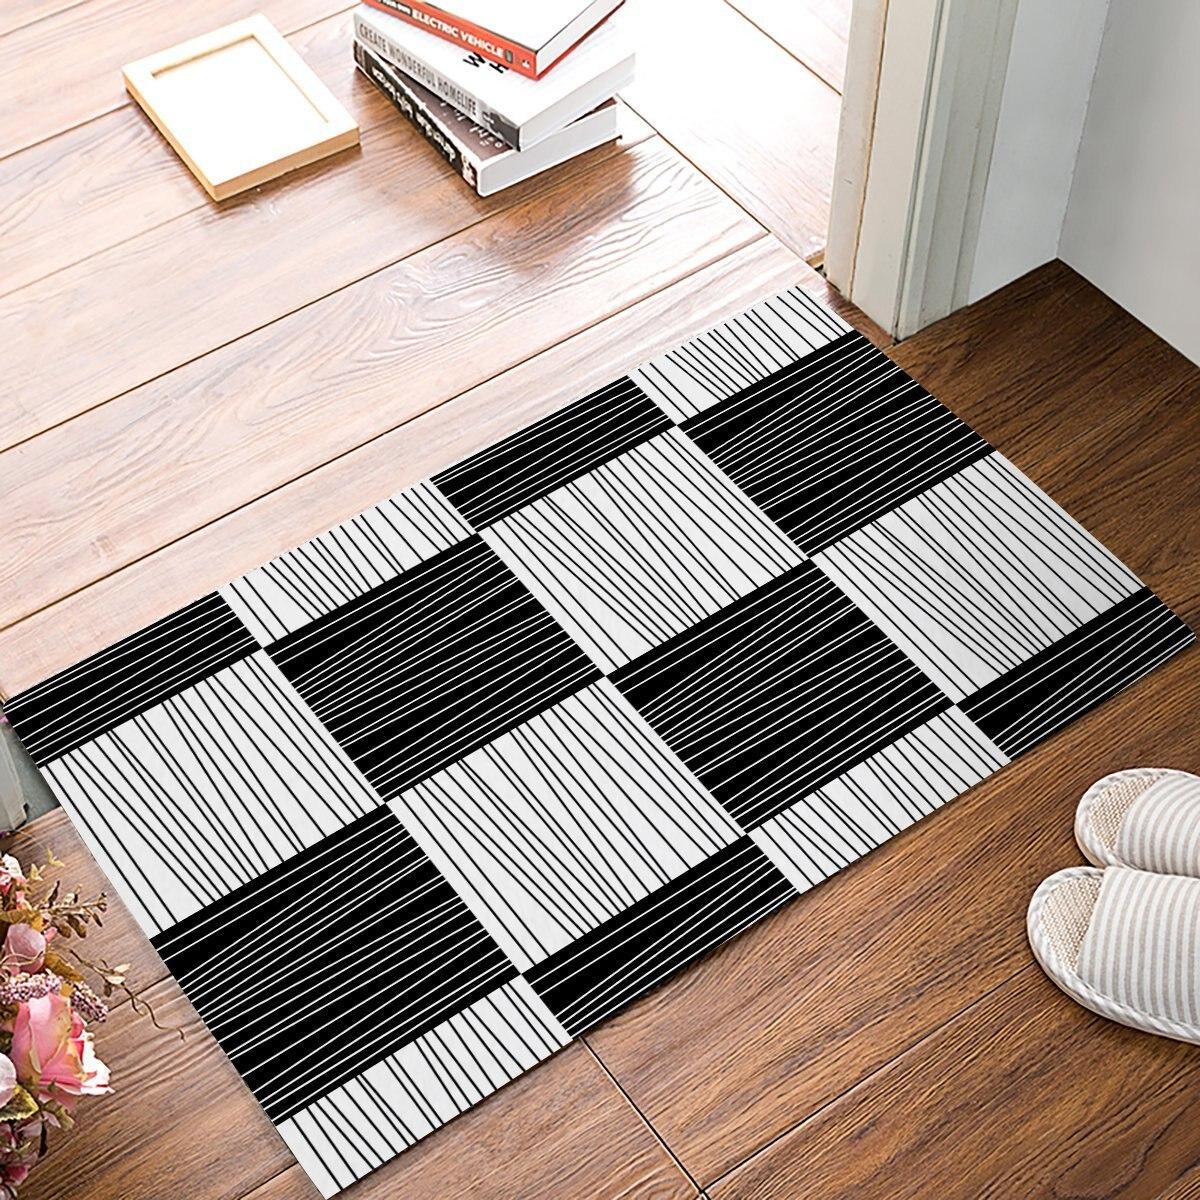 Black And White Geometric Kitchen Rug: Modern Geometric Decorative Black And White Stripe Square